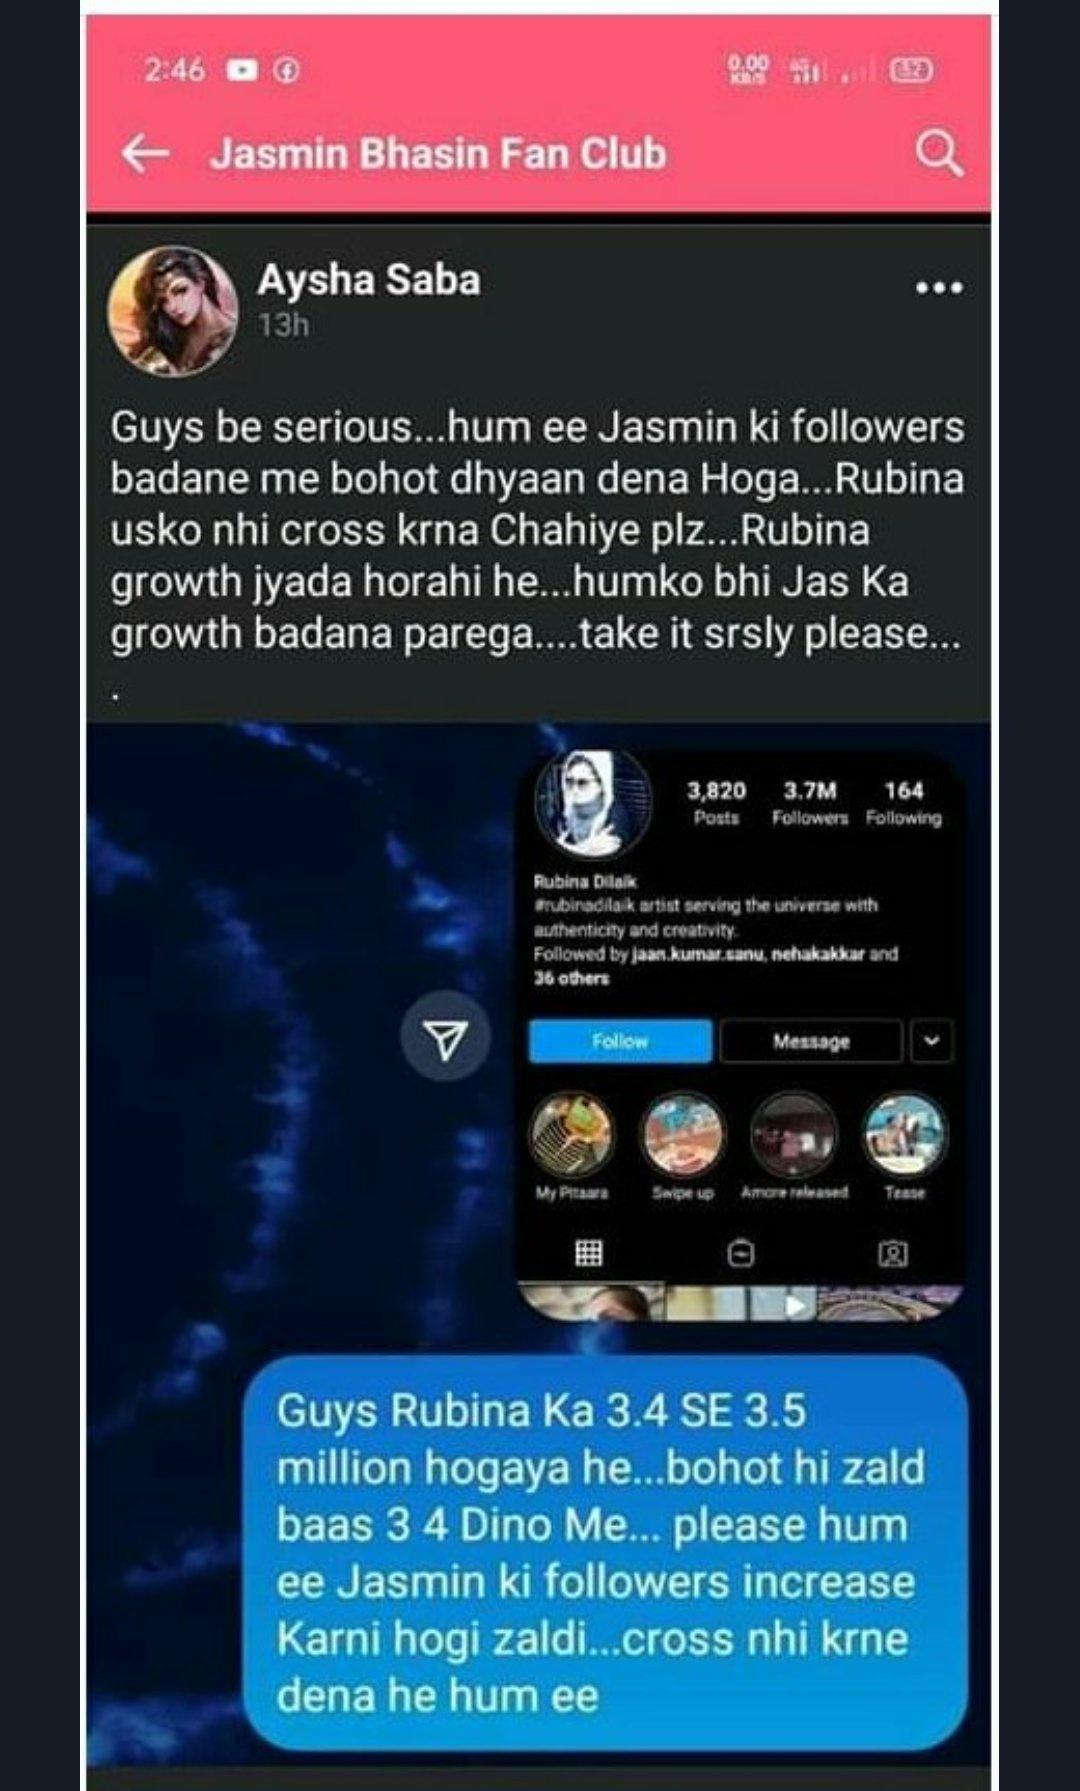 WE STAN RUBINAV Photo,WE STAN RUBINAV Twitter Trend : Most Popular Tweets